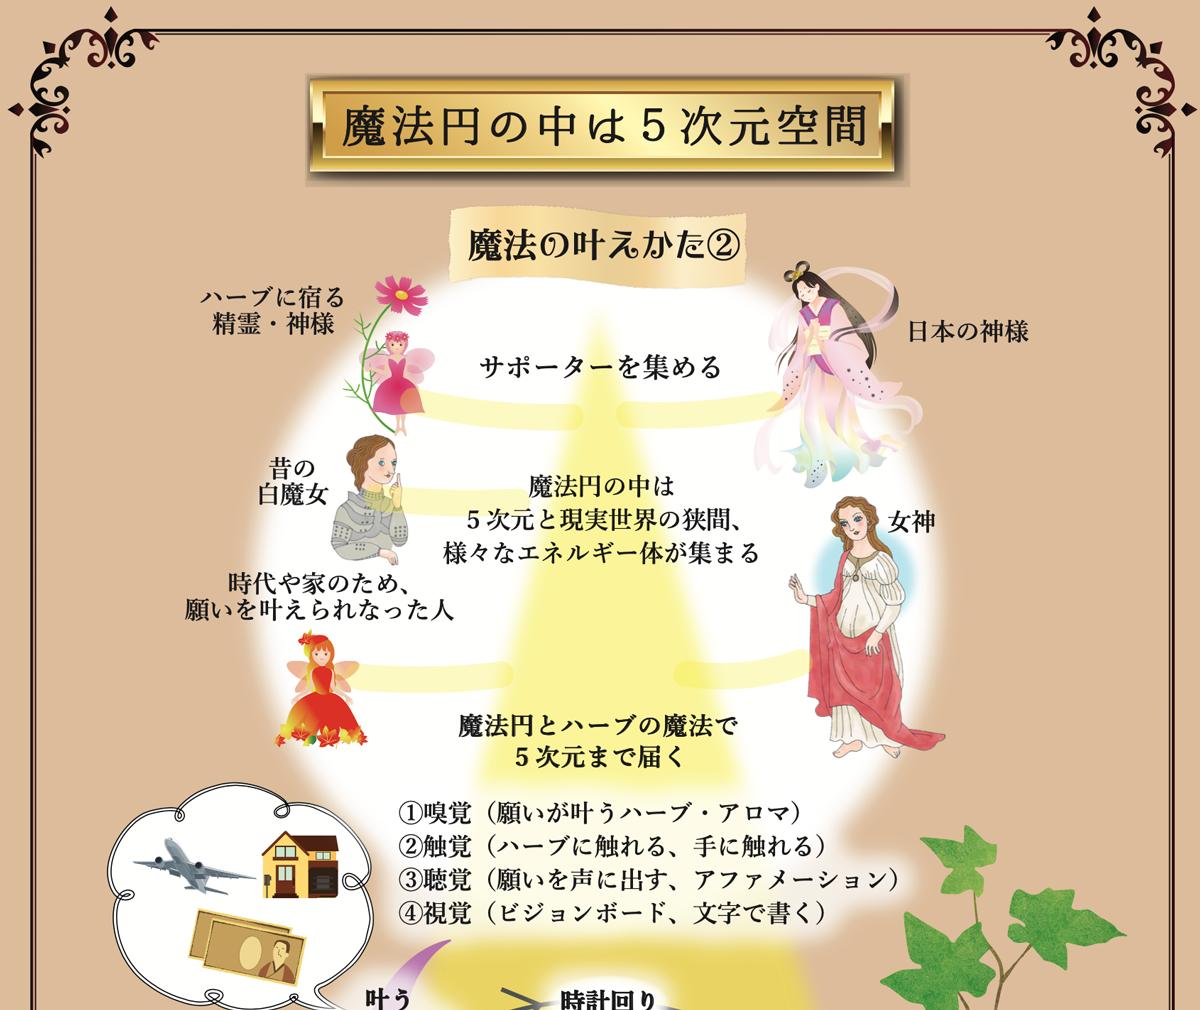 薬草魔女の願望実現レッスン★魔法円の中は5次元空間